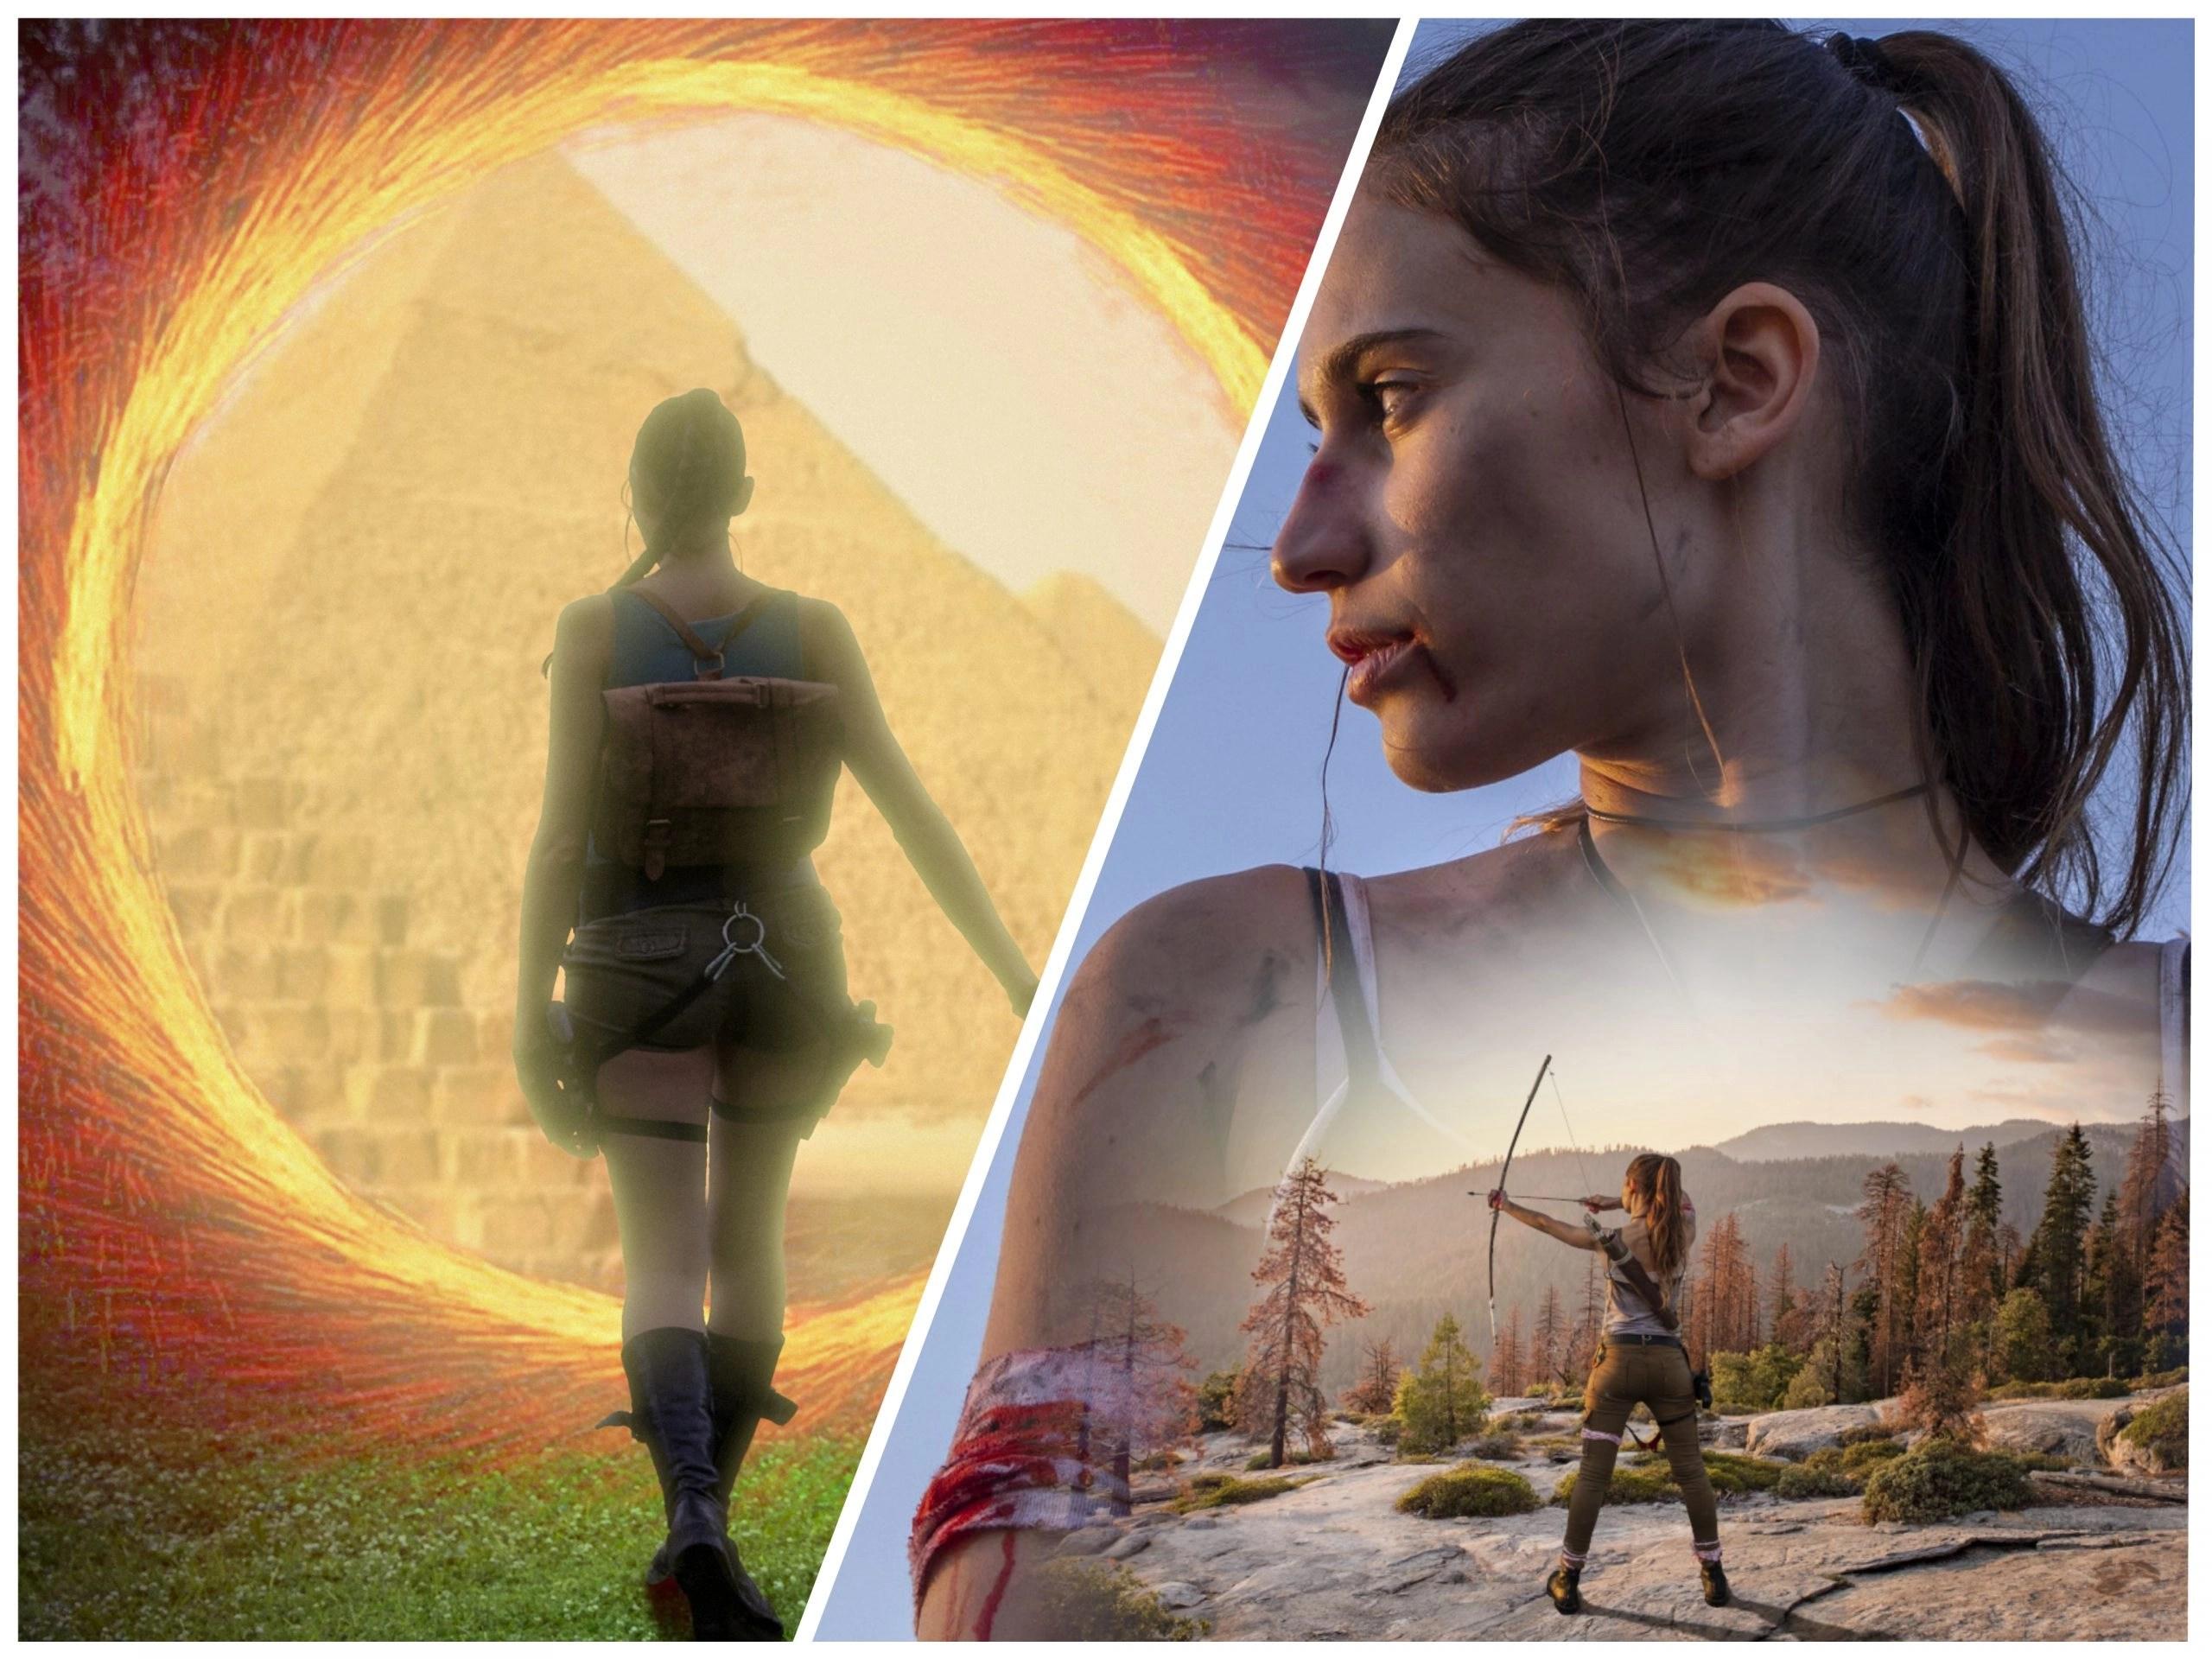 Il fascino dell'iconica Lara Croft nelle suggestive immagini editate da Non Solo Aliprando!